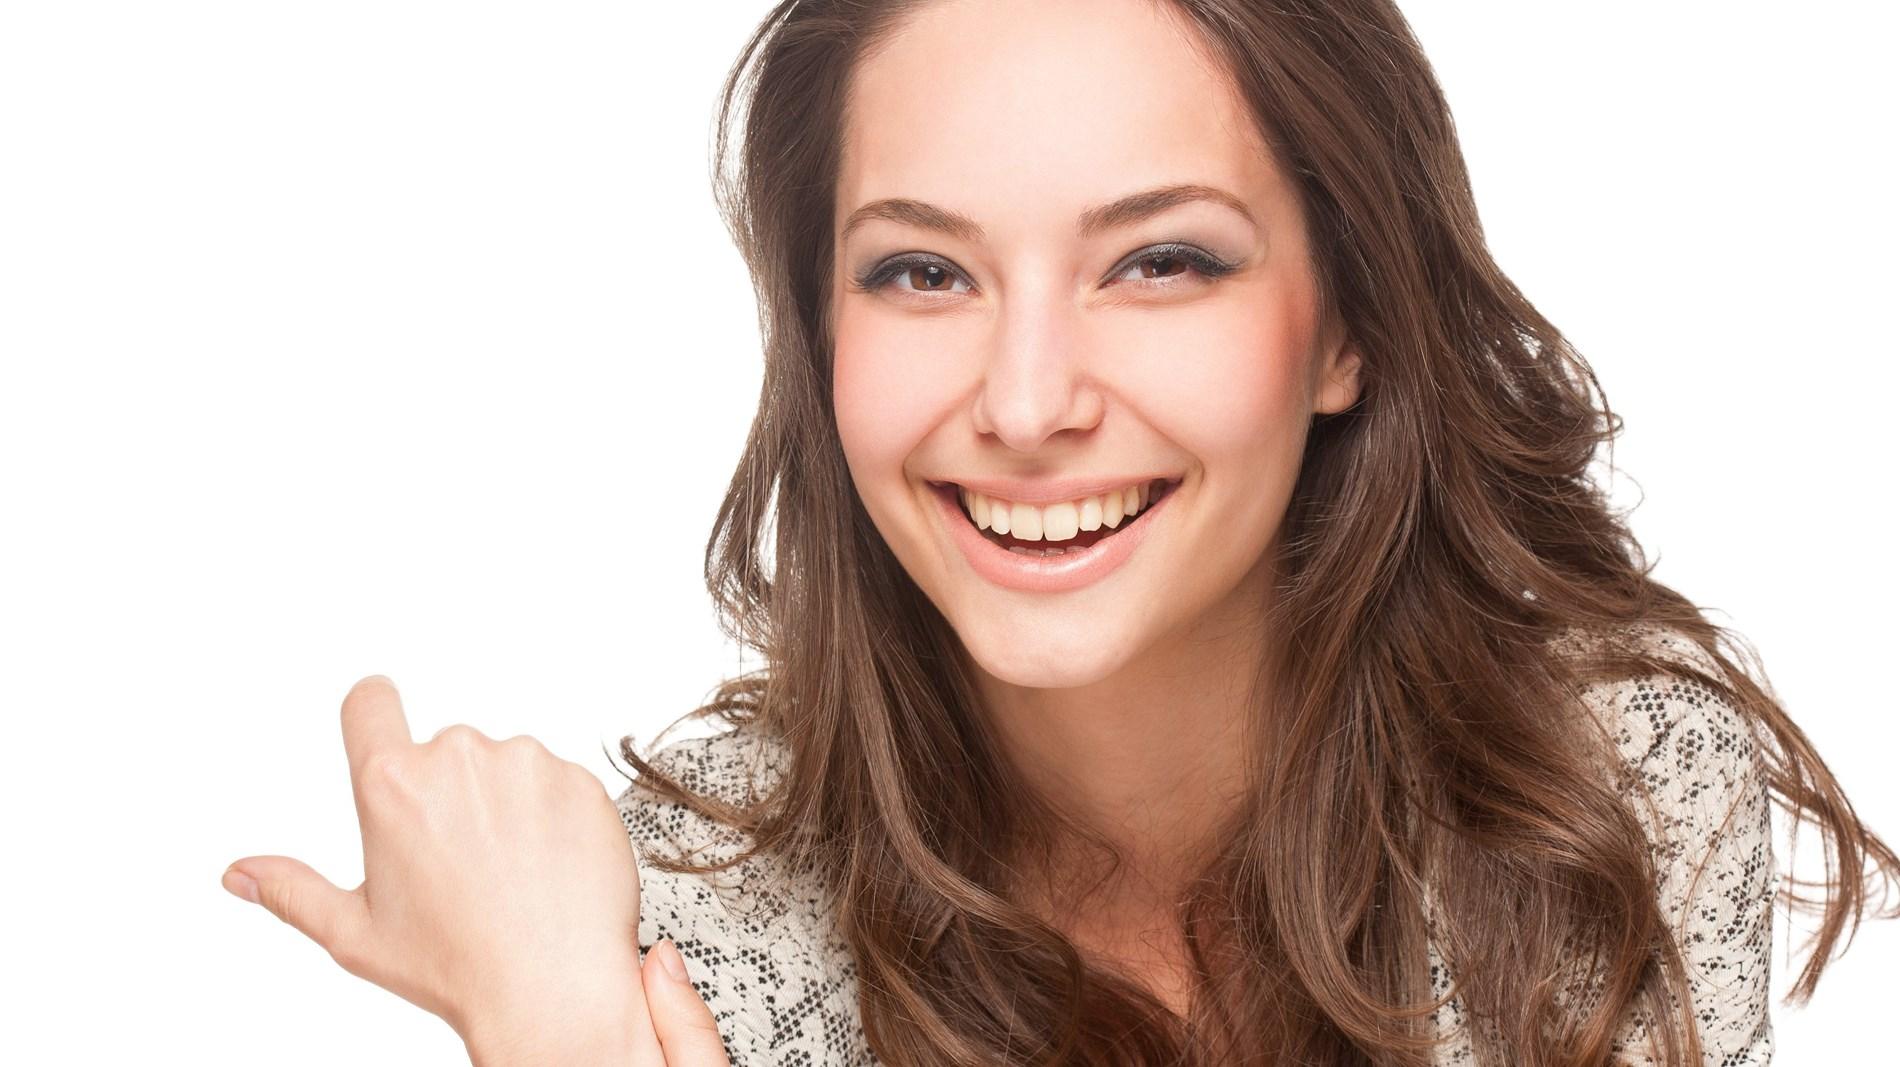 لتفادي مشاكل البشرة.. قواعد أساسية عليكِ اتباعها عند استخدام غسول الوجه